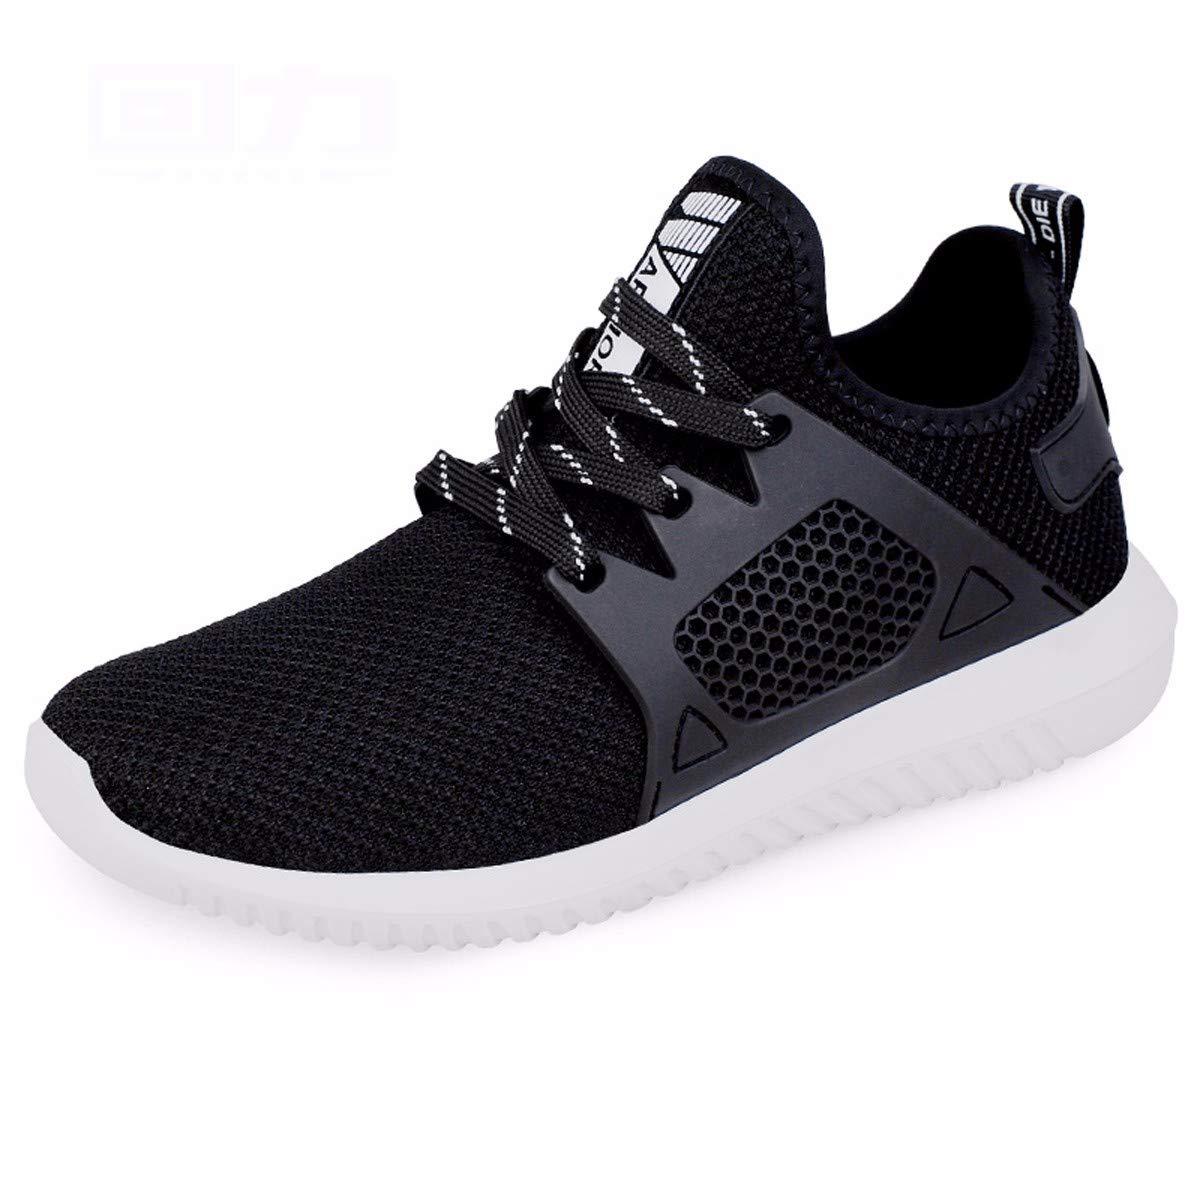 KMJBS-Männer - Schuhe Im Sommer Mesh - Schuhe Geringe Permeabilität Sport Lässige Schuhe Schuhe.43 grau